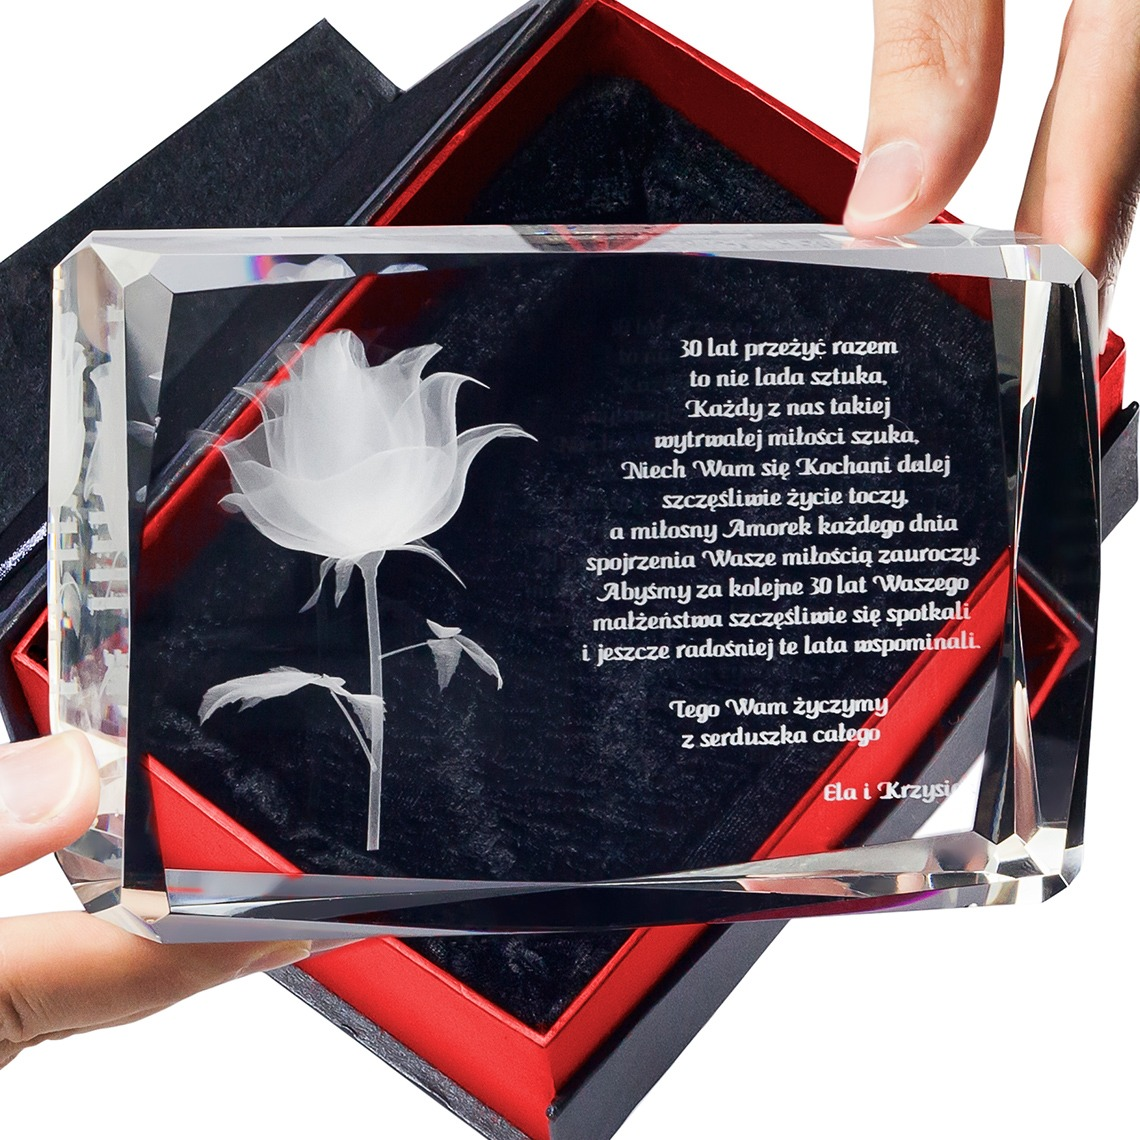 Róża 3d kwiat miłości ♥ personalizowana statuetka 3d duża • grawer 3d